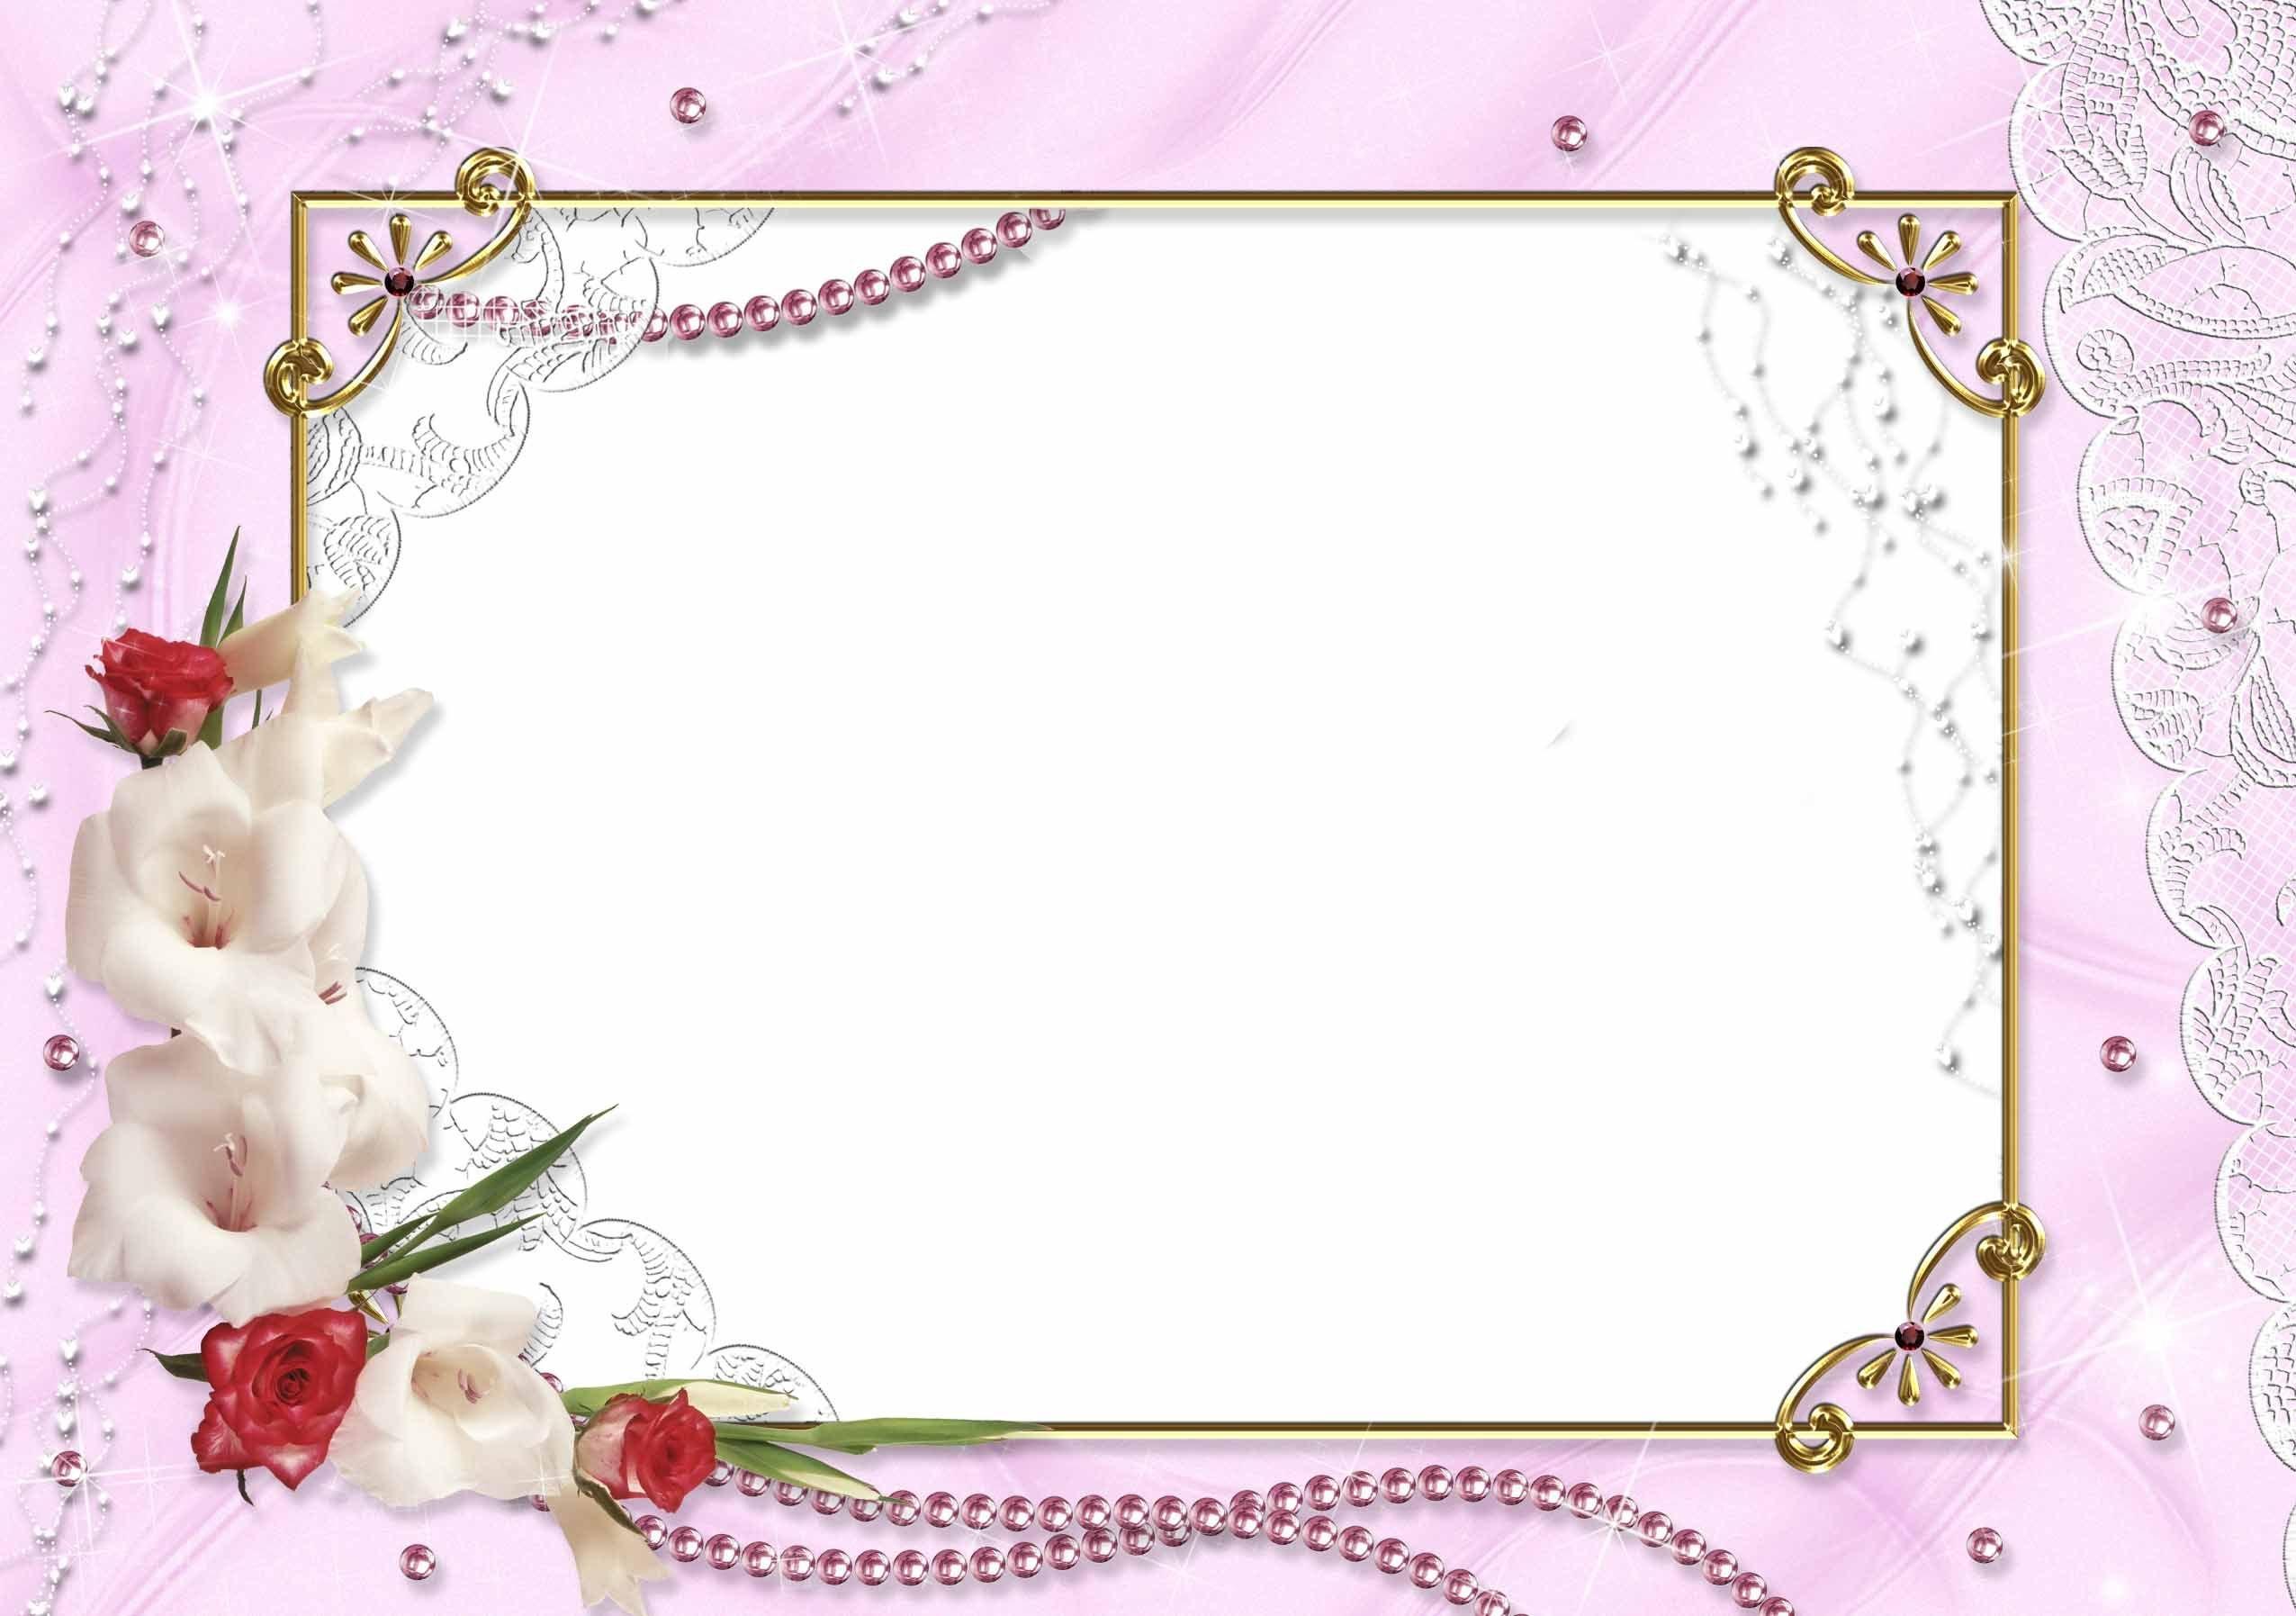 пустые открытки поздравления с днем рождения царицынском катке